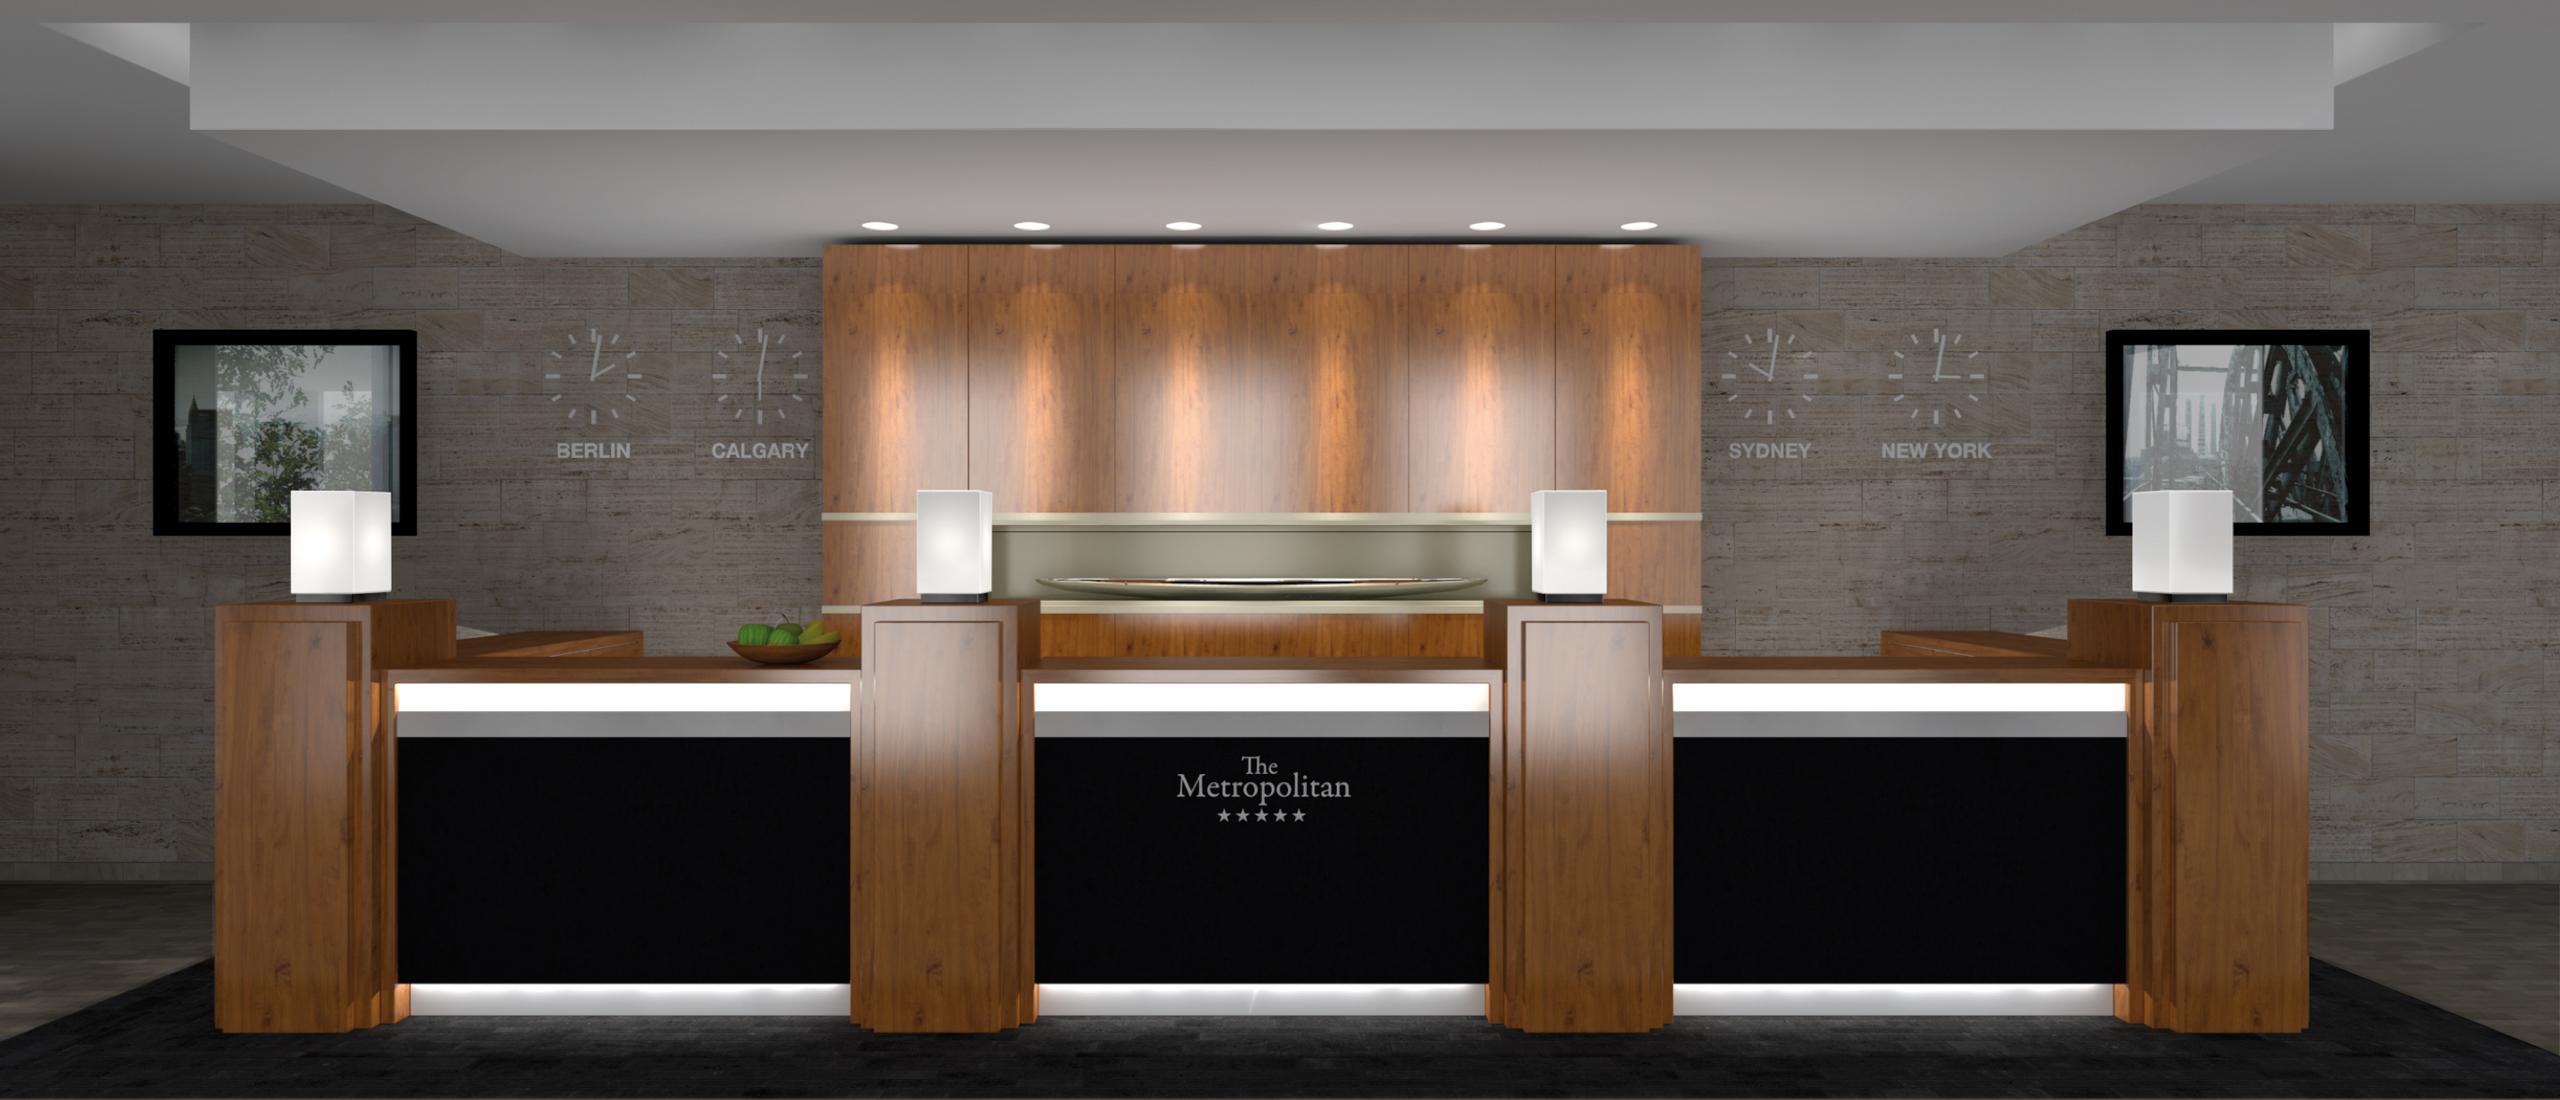 CAD für Schreiner, Innenaus- & Ladenbau - Vectorworks interiorcad